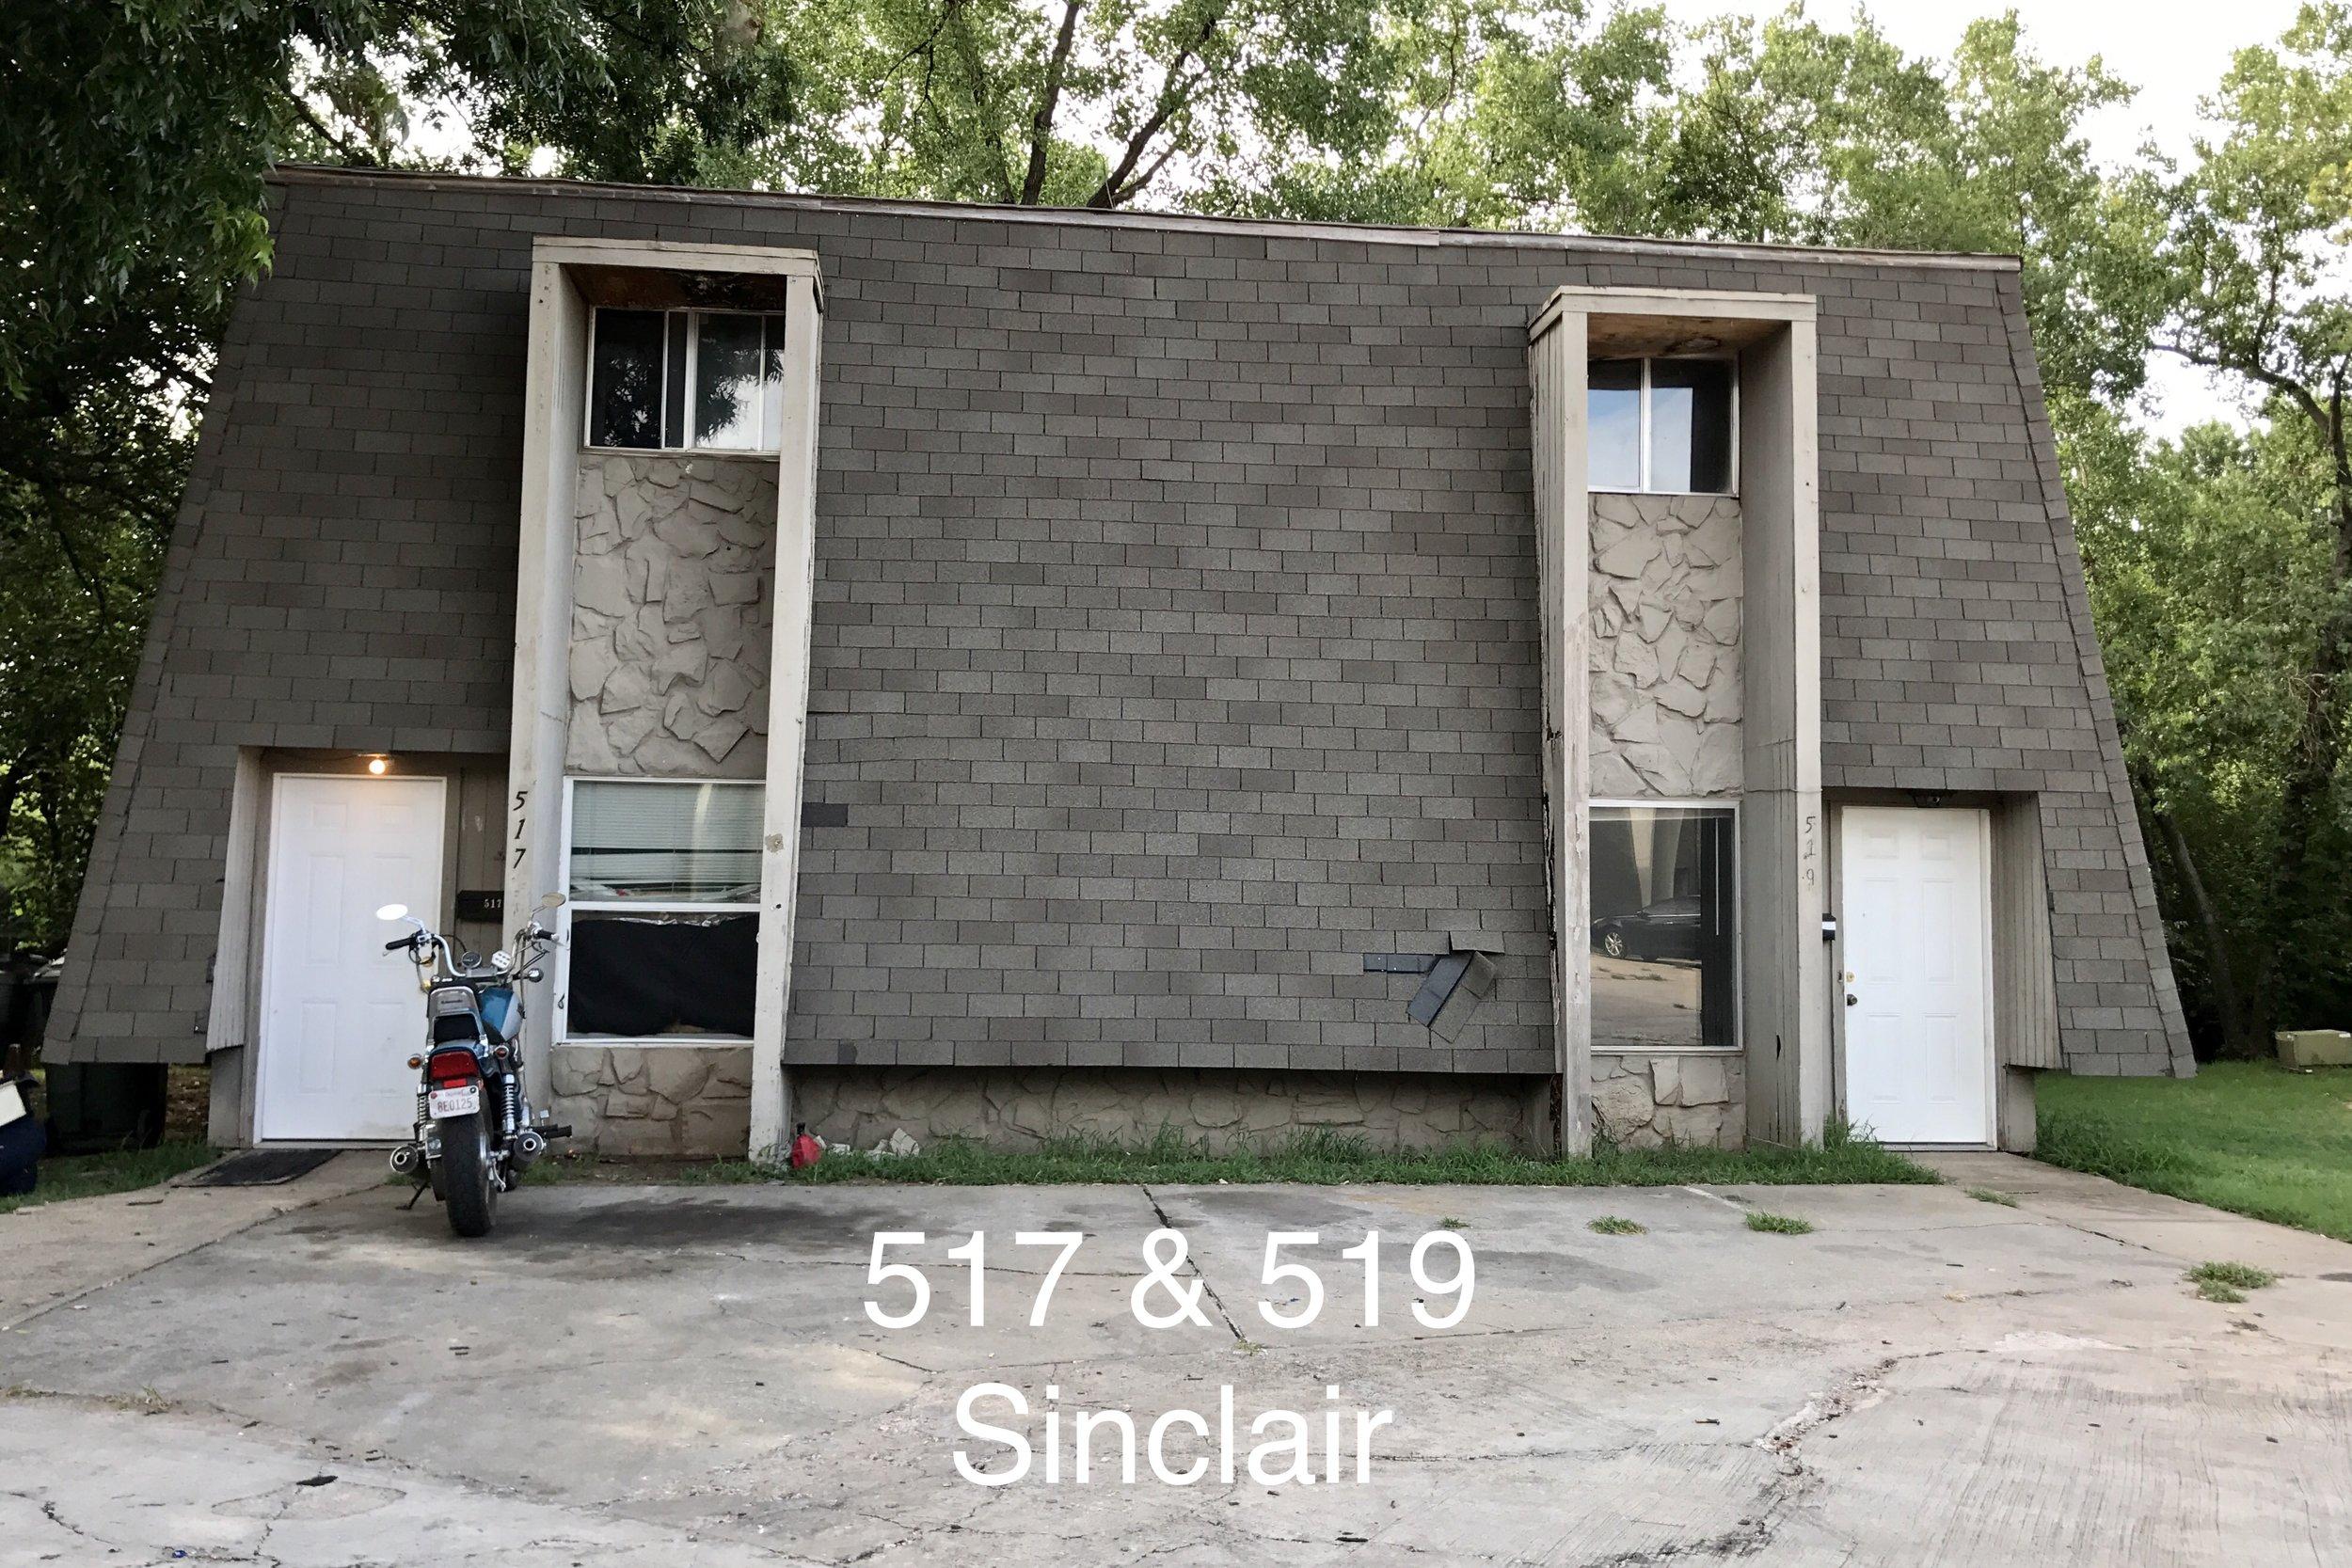 517 & 519 Sinclair.jpg